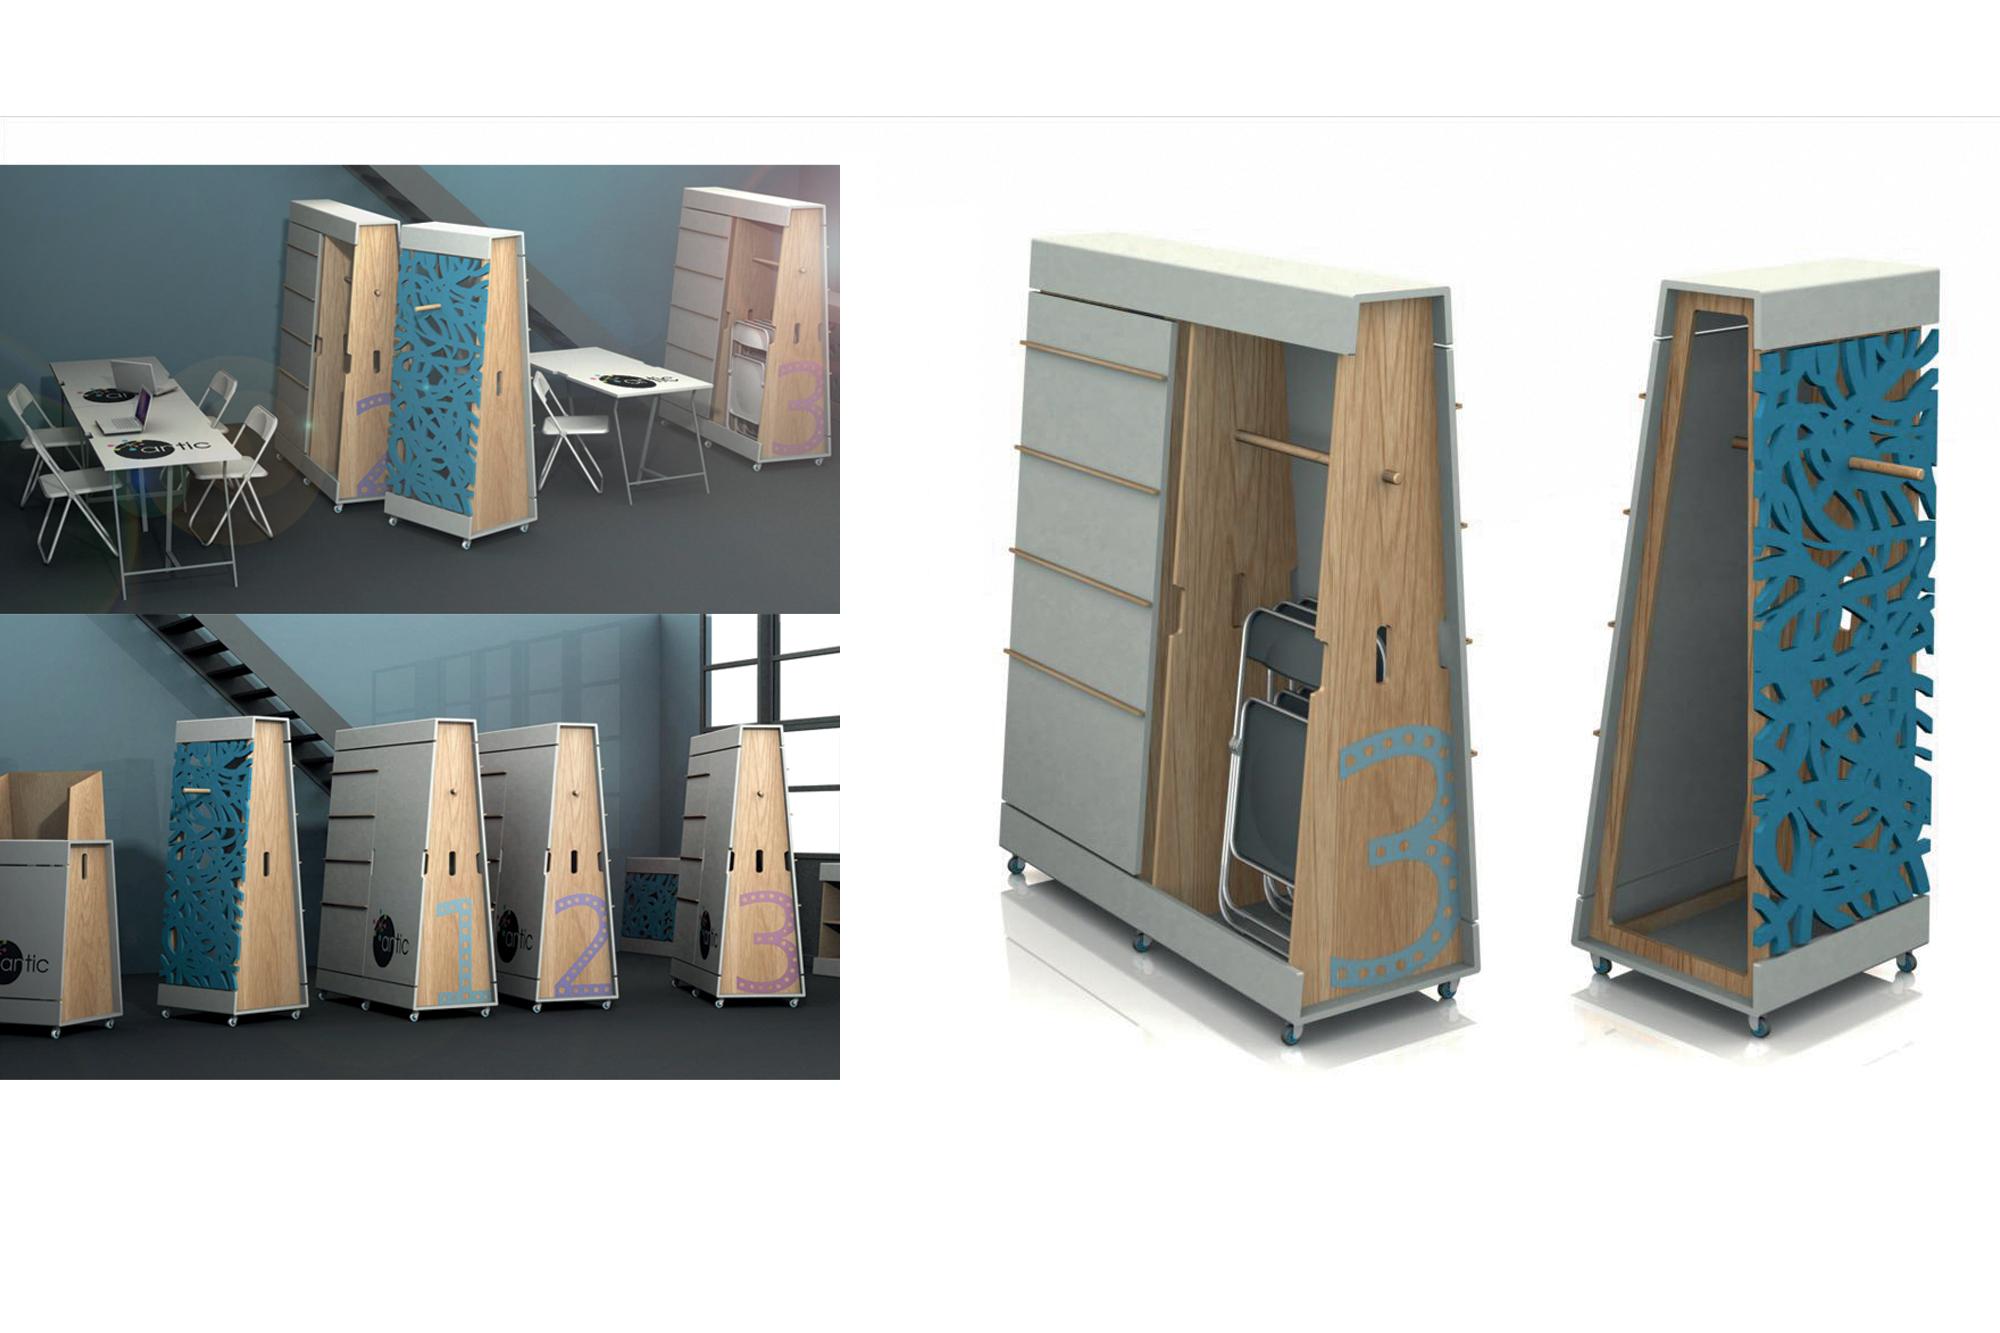 bureaux mobiles pour espace de coworking pbo design agence de design global bayonne depuis. Black Bedroom Furniture Sets. Home Design Ideas